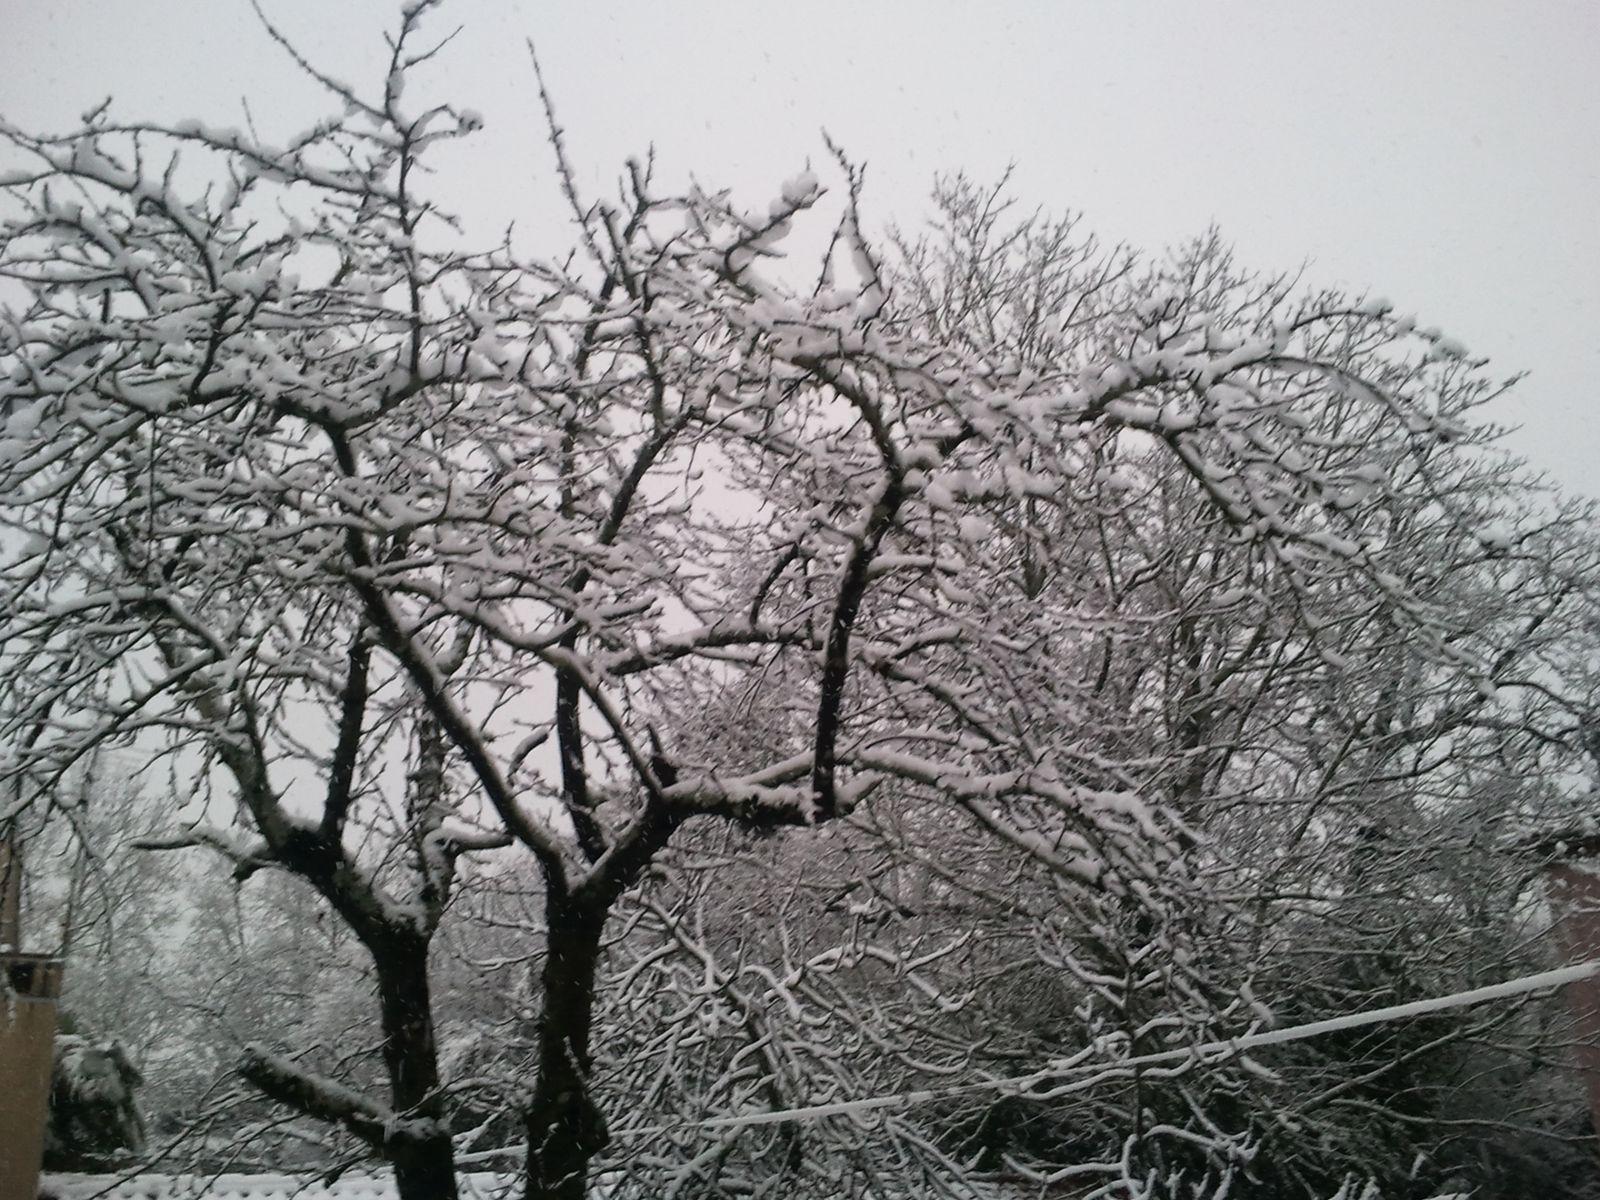 le dimanche 20 janvier...de la fenêtre de ma chambre...à Toulouse